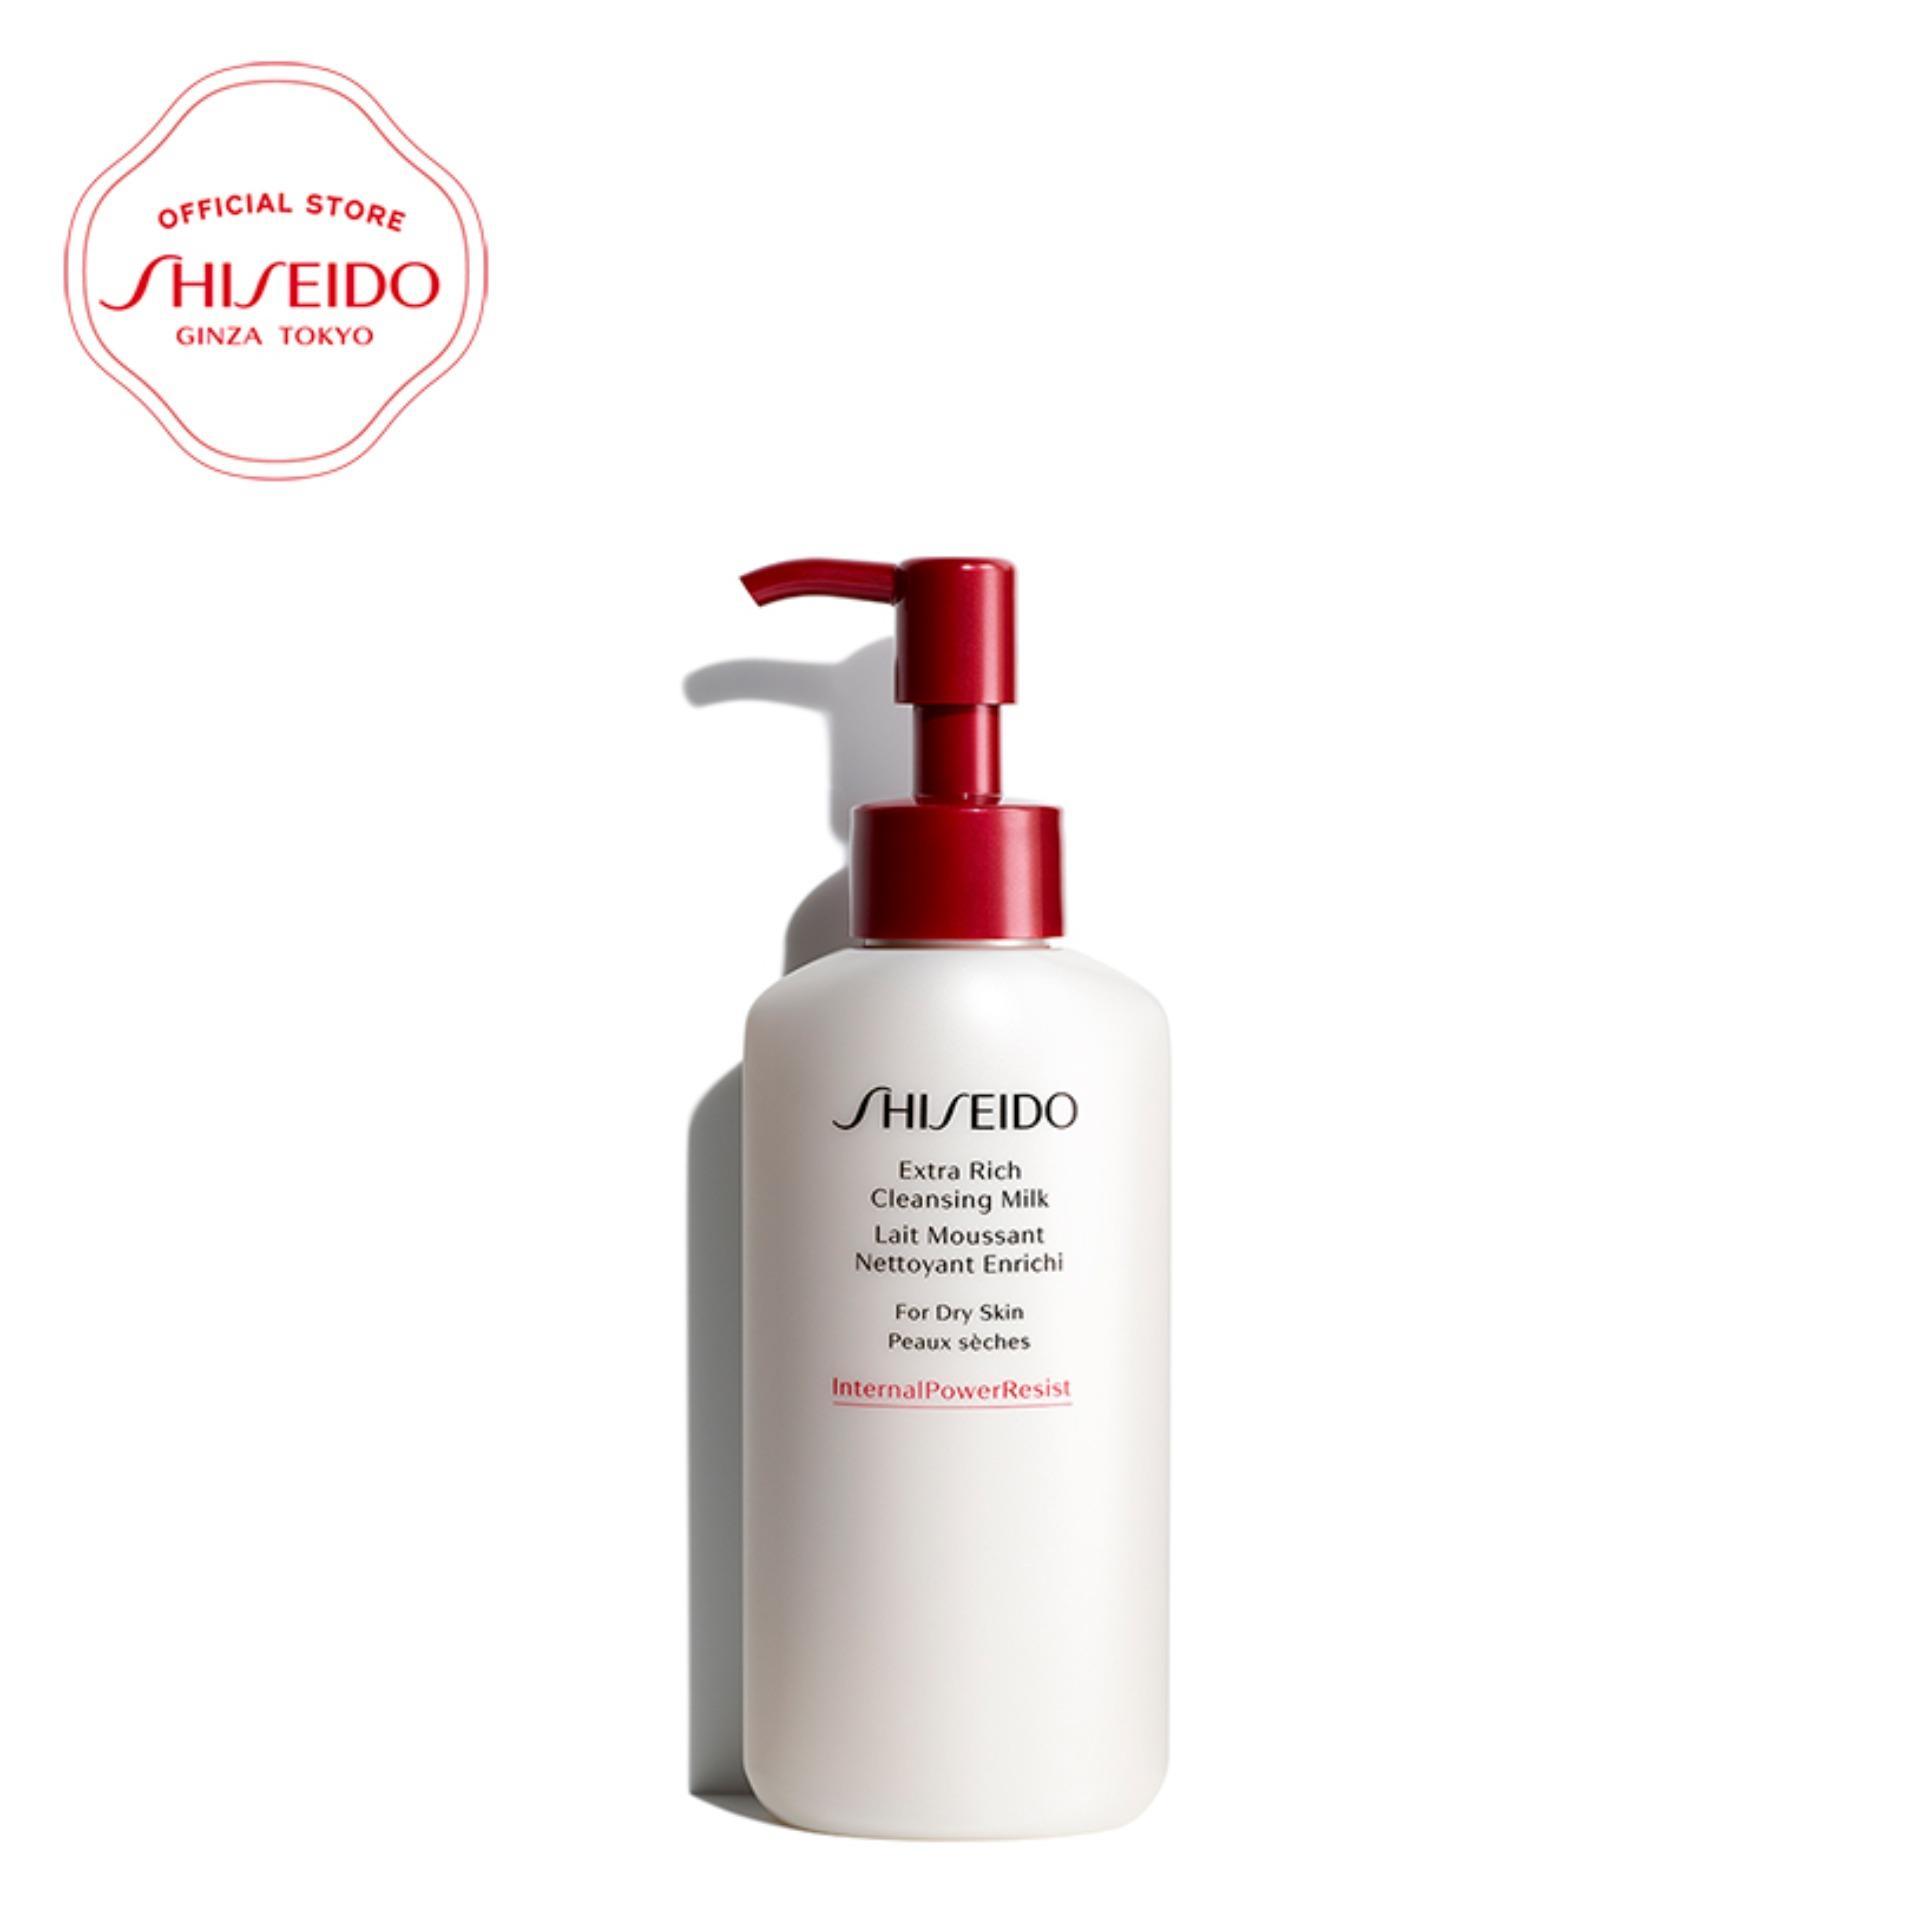 Mã Ưu Đãi Khi Mua Sữa Rửa Mặt Dưỡng ẩm Shiseido Extra Rich Cleansing Milk 125ml